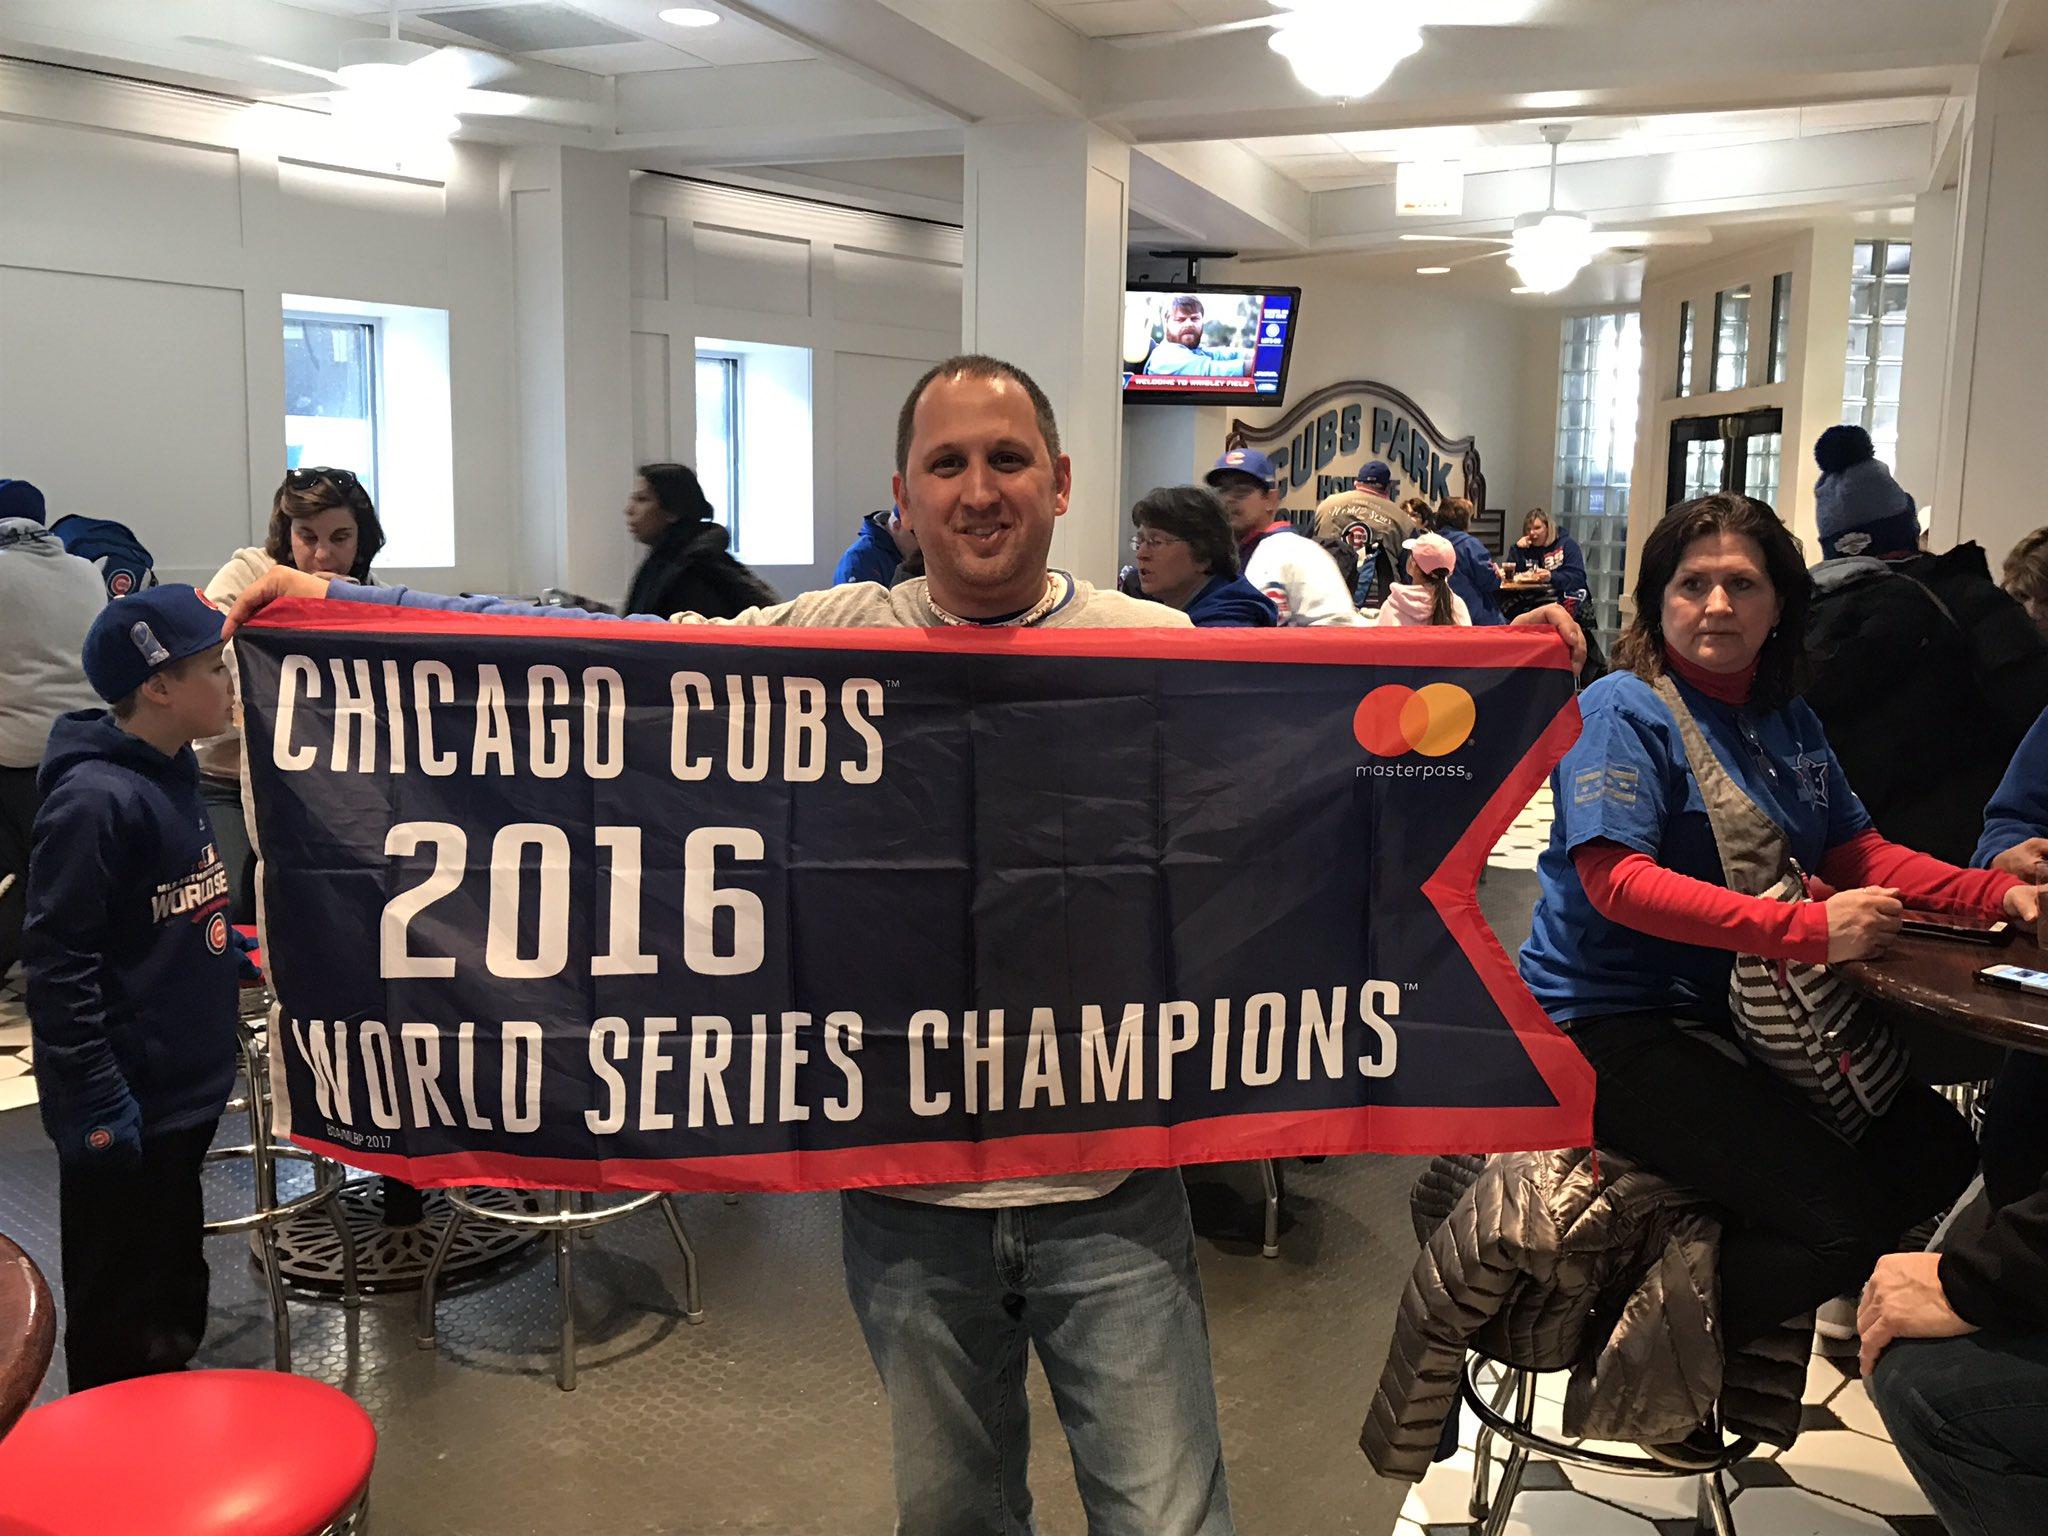 It Happened #Cubs fans! https://t.co/Q7VnV9L3oj